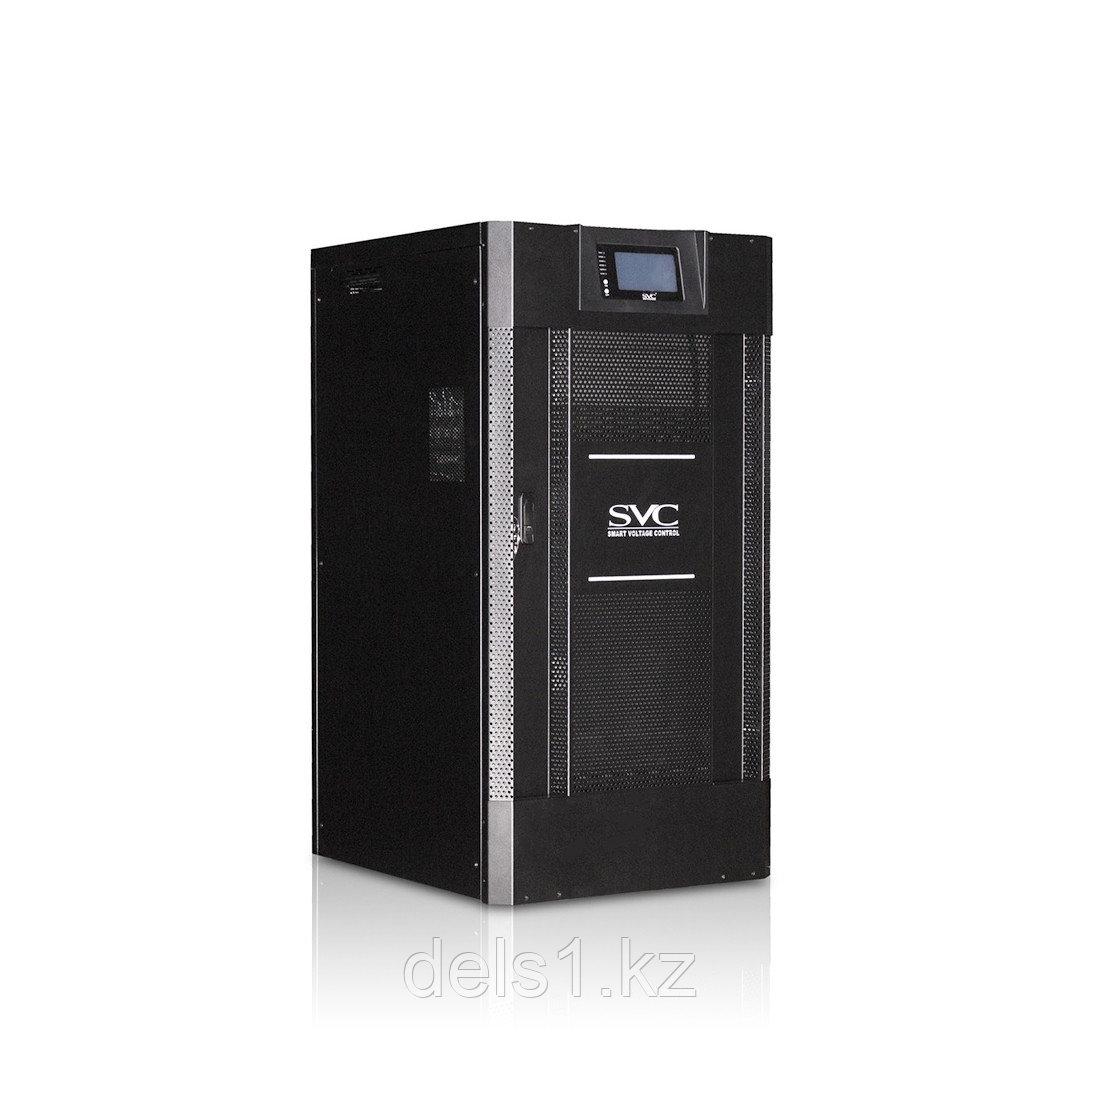 Трехфазный ИБП (UPS) SVC GP33-20KVA